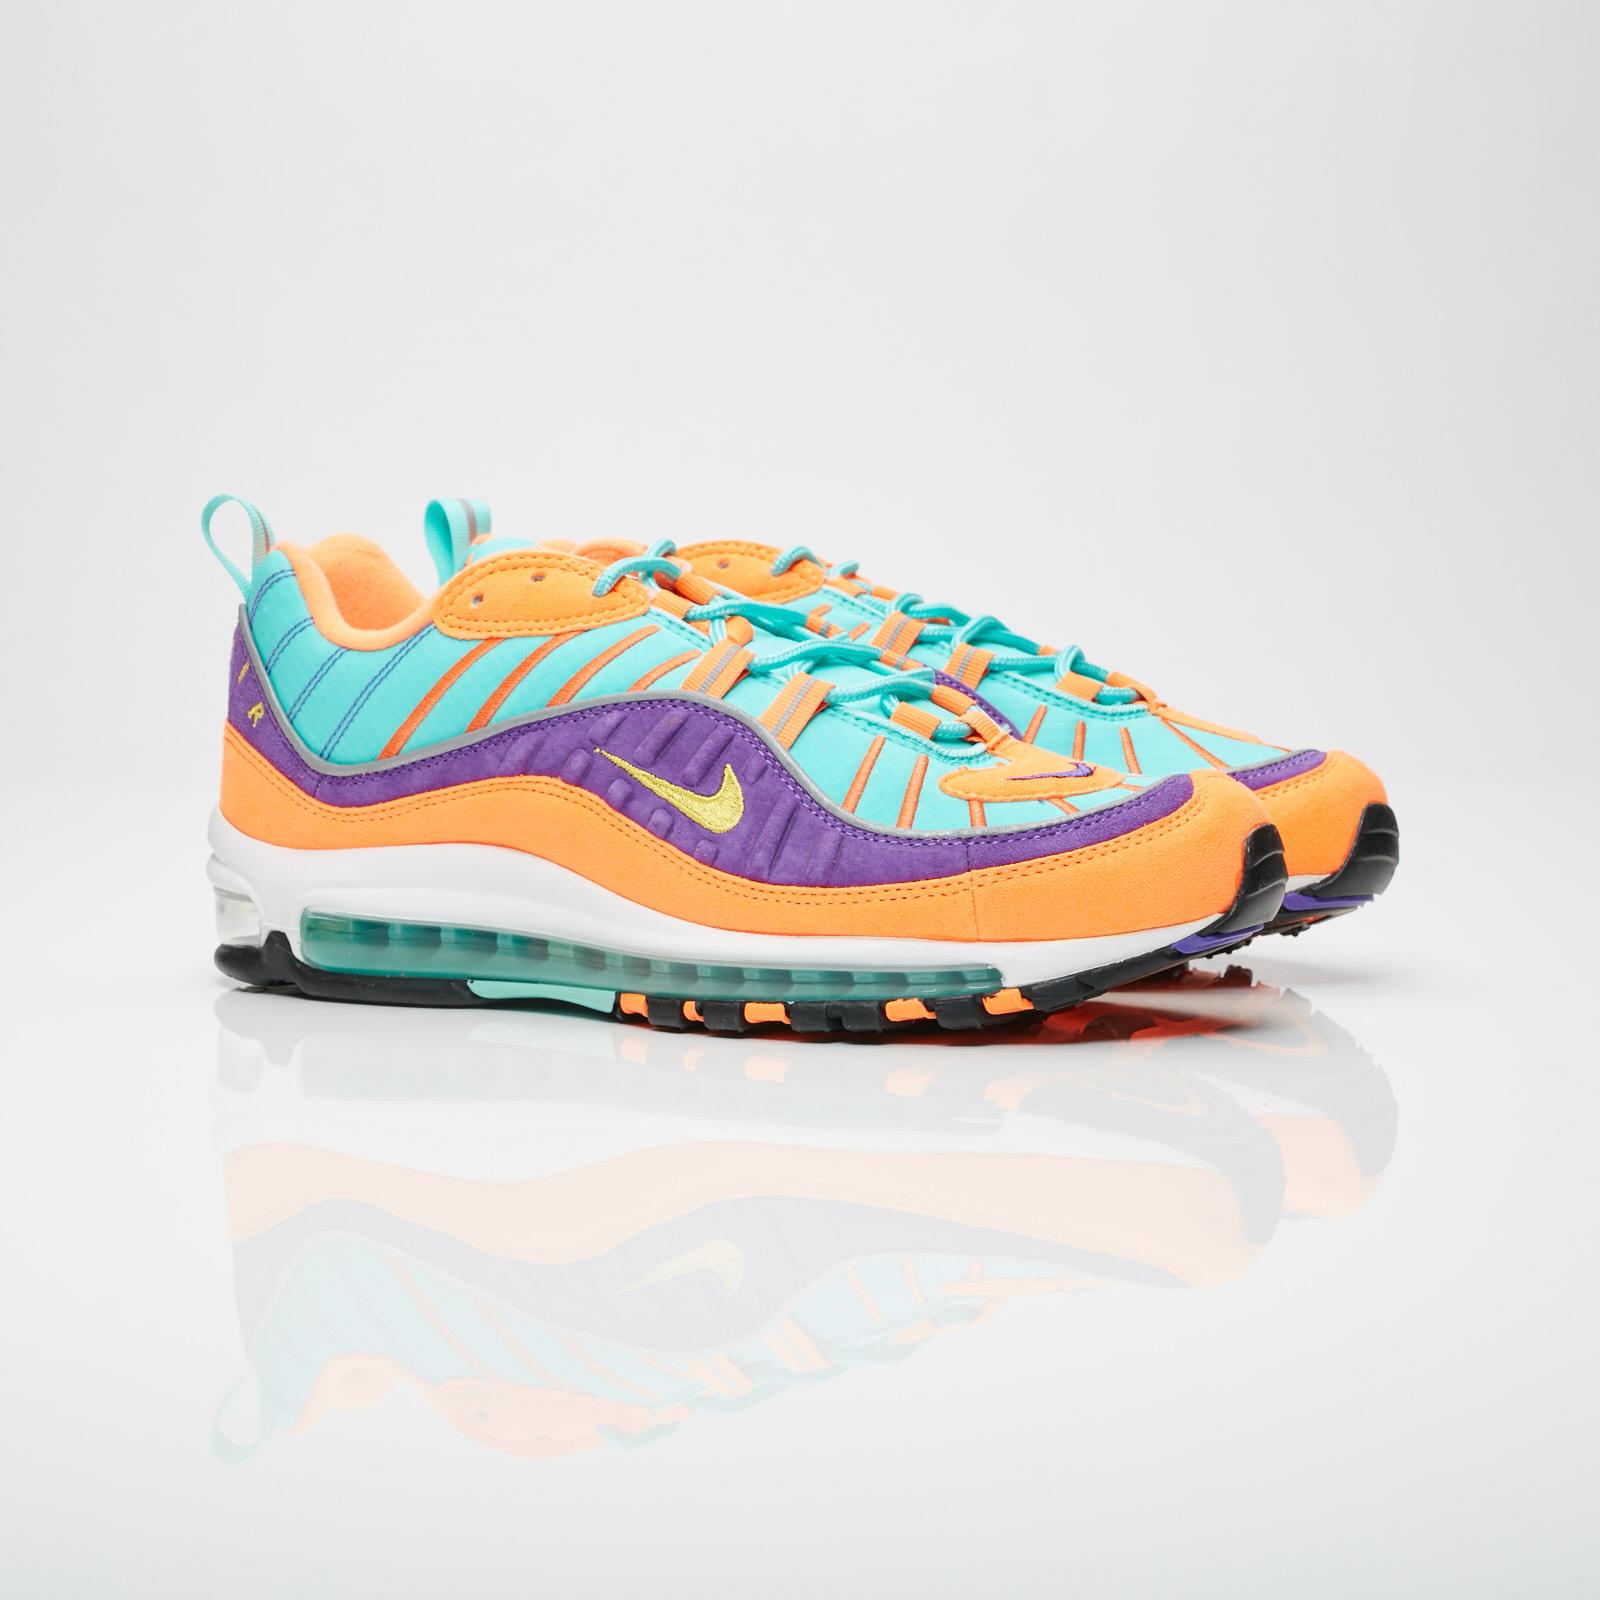 c2c432cd04 Nike Air Max 98 QS - 924462-800 - Sneakersnstuff | sneakers ...